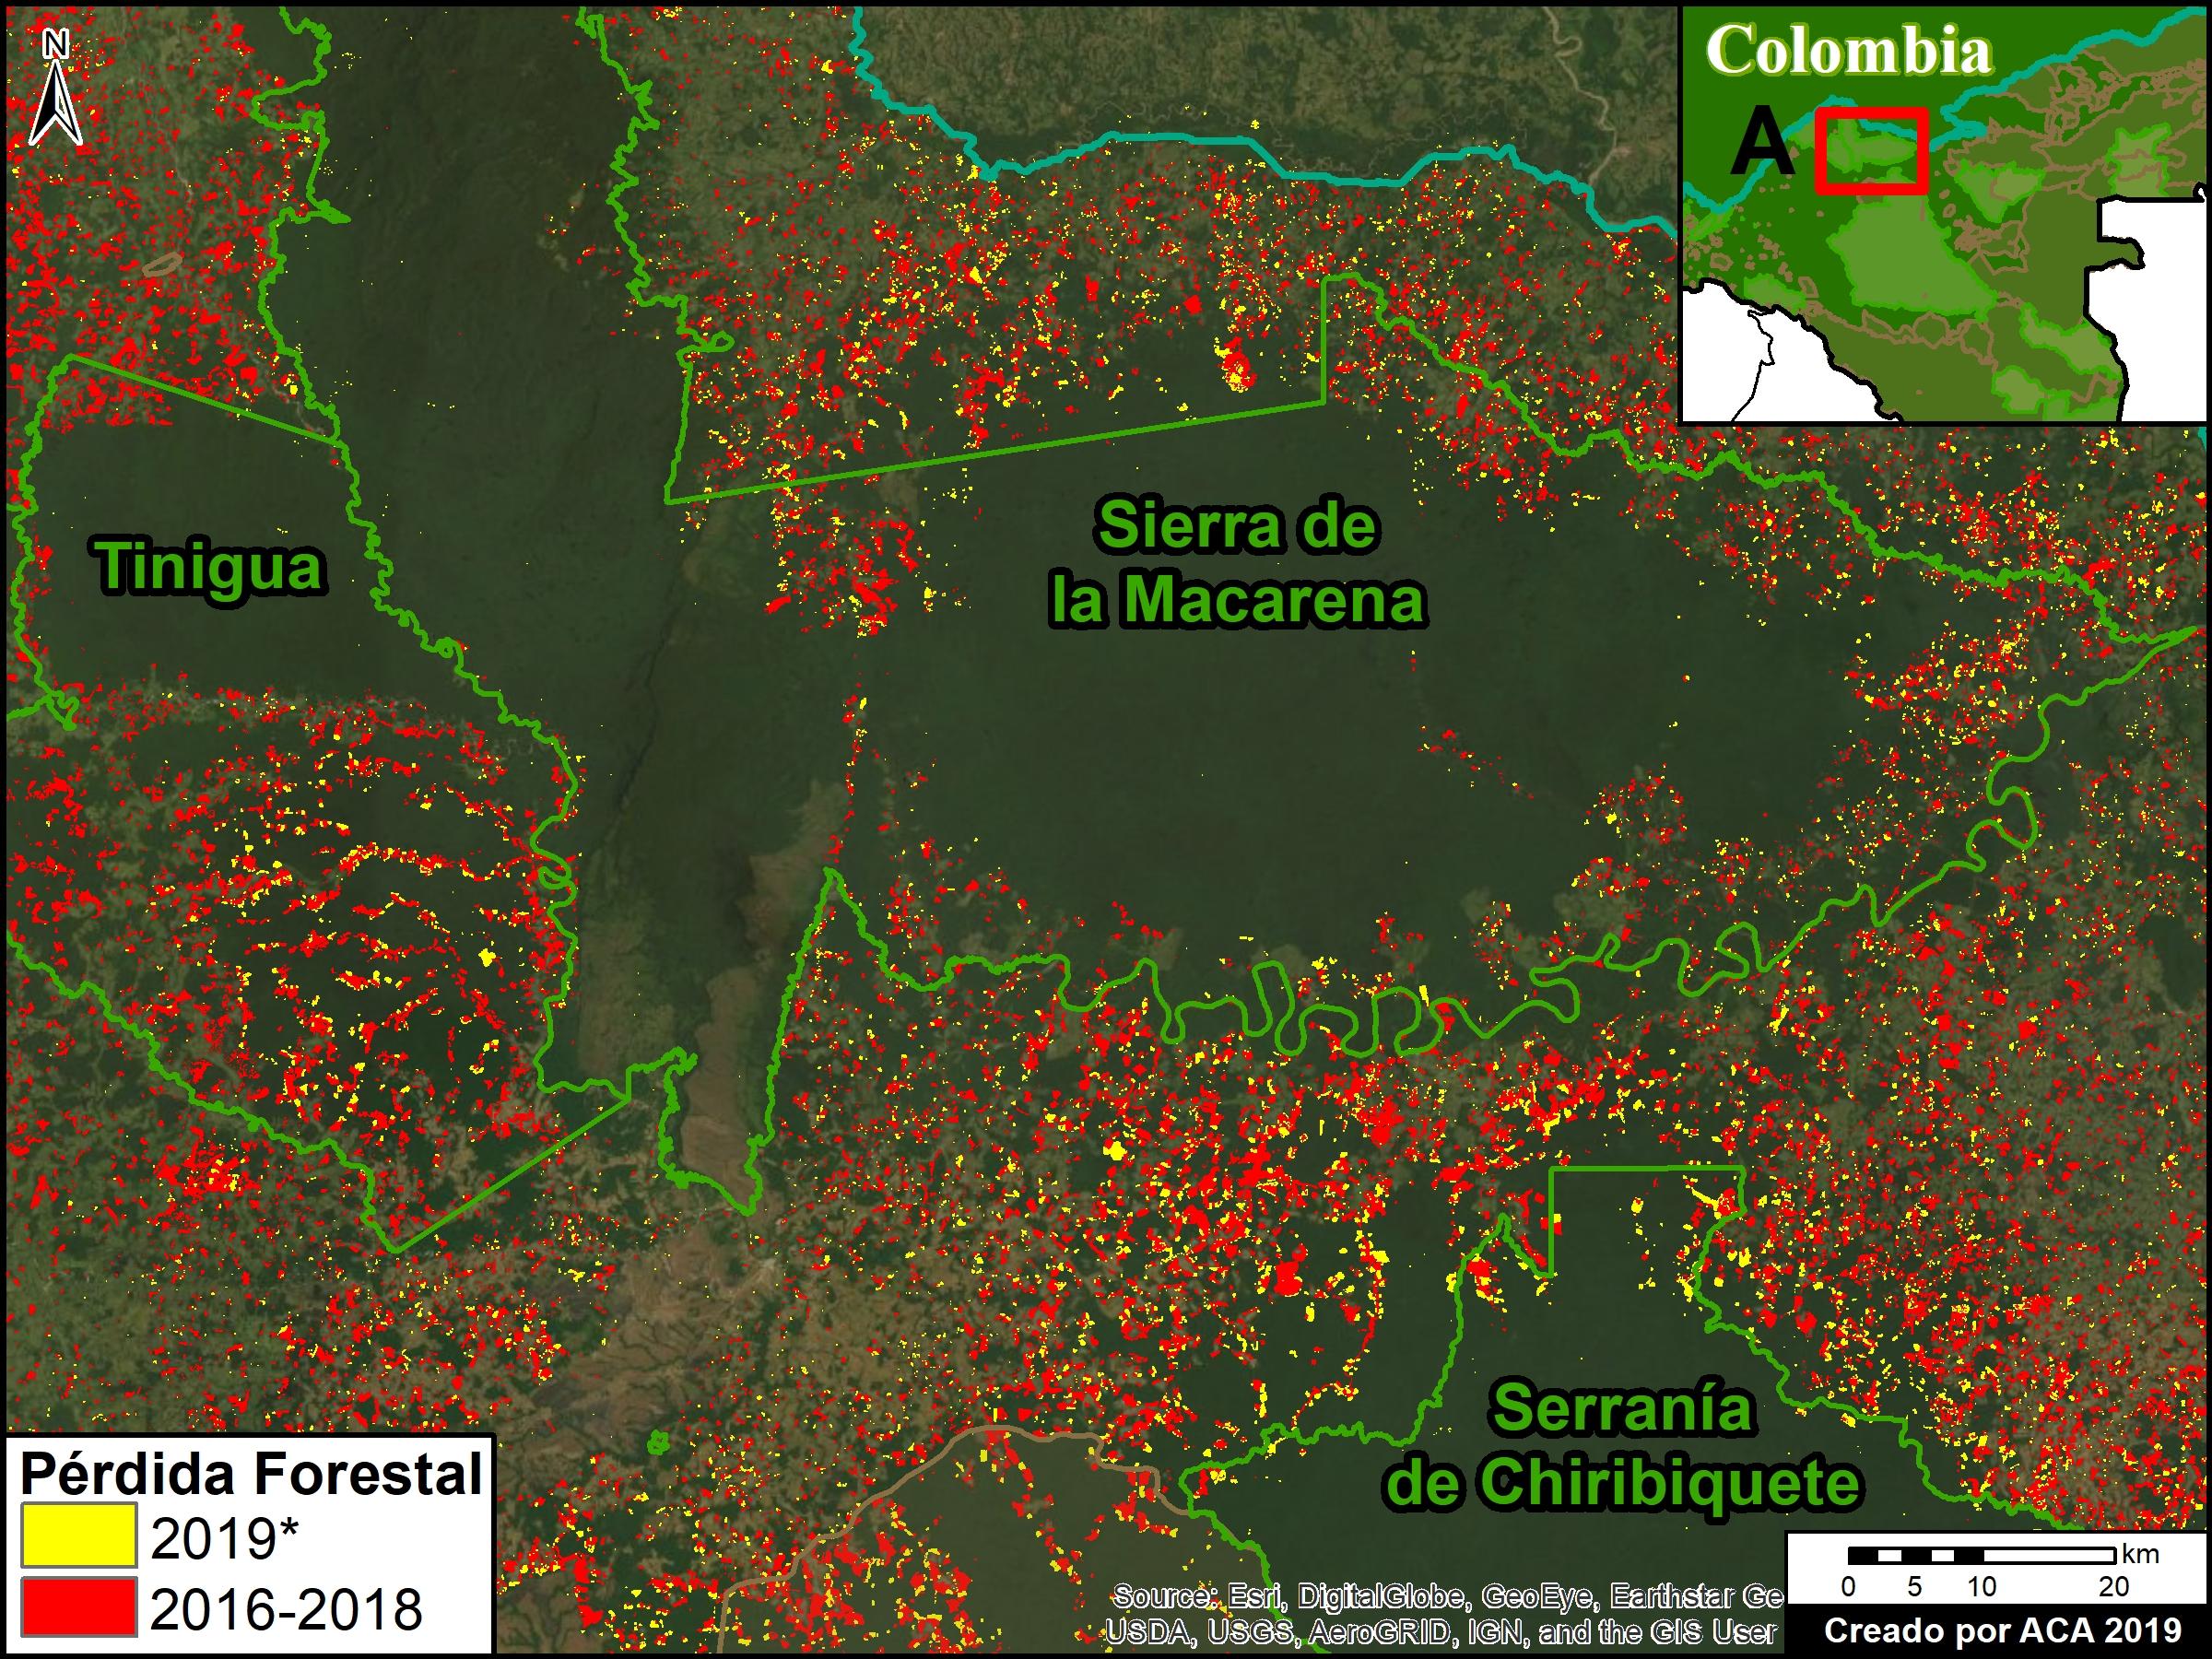 Deforestación parque Tinigua. Zoom A. Deforestación en los Parques Nacionales Tinigua, Serranía de Chiribiquete, y Sierra de la Macarena, *hasta 25 de julio. Datos: UMD/GLAD, Hansen/UMD/Google/USGS/NASA, RUNAP, RAISG